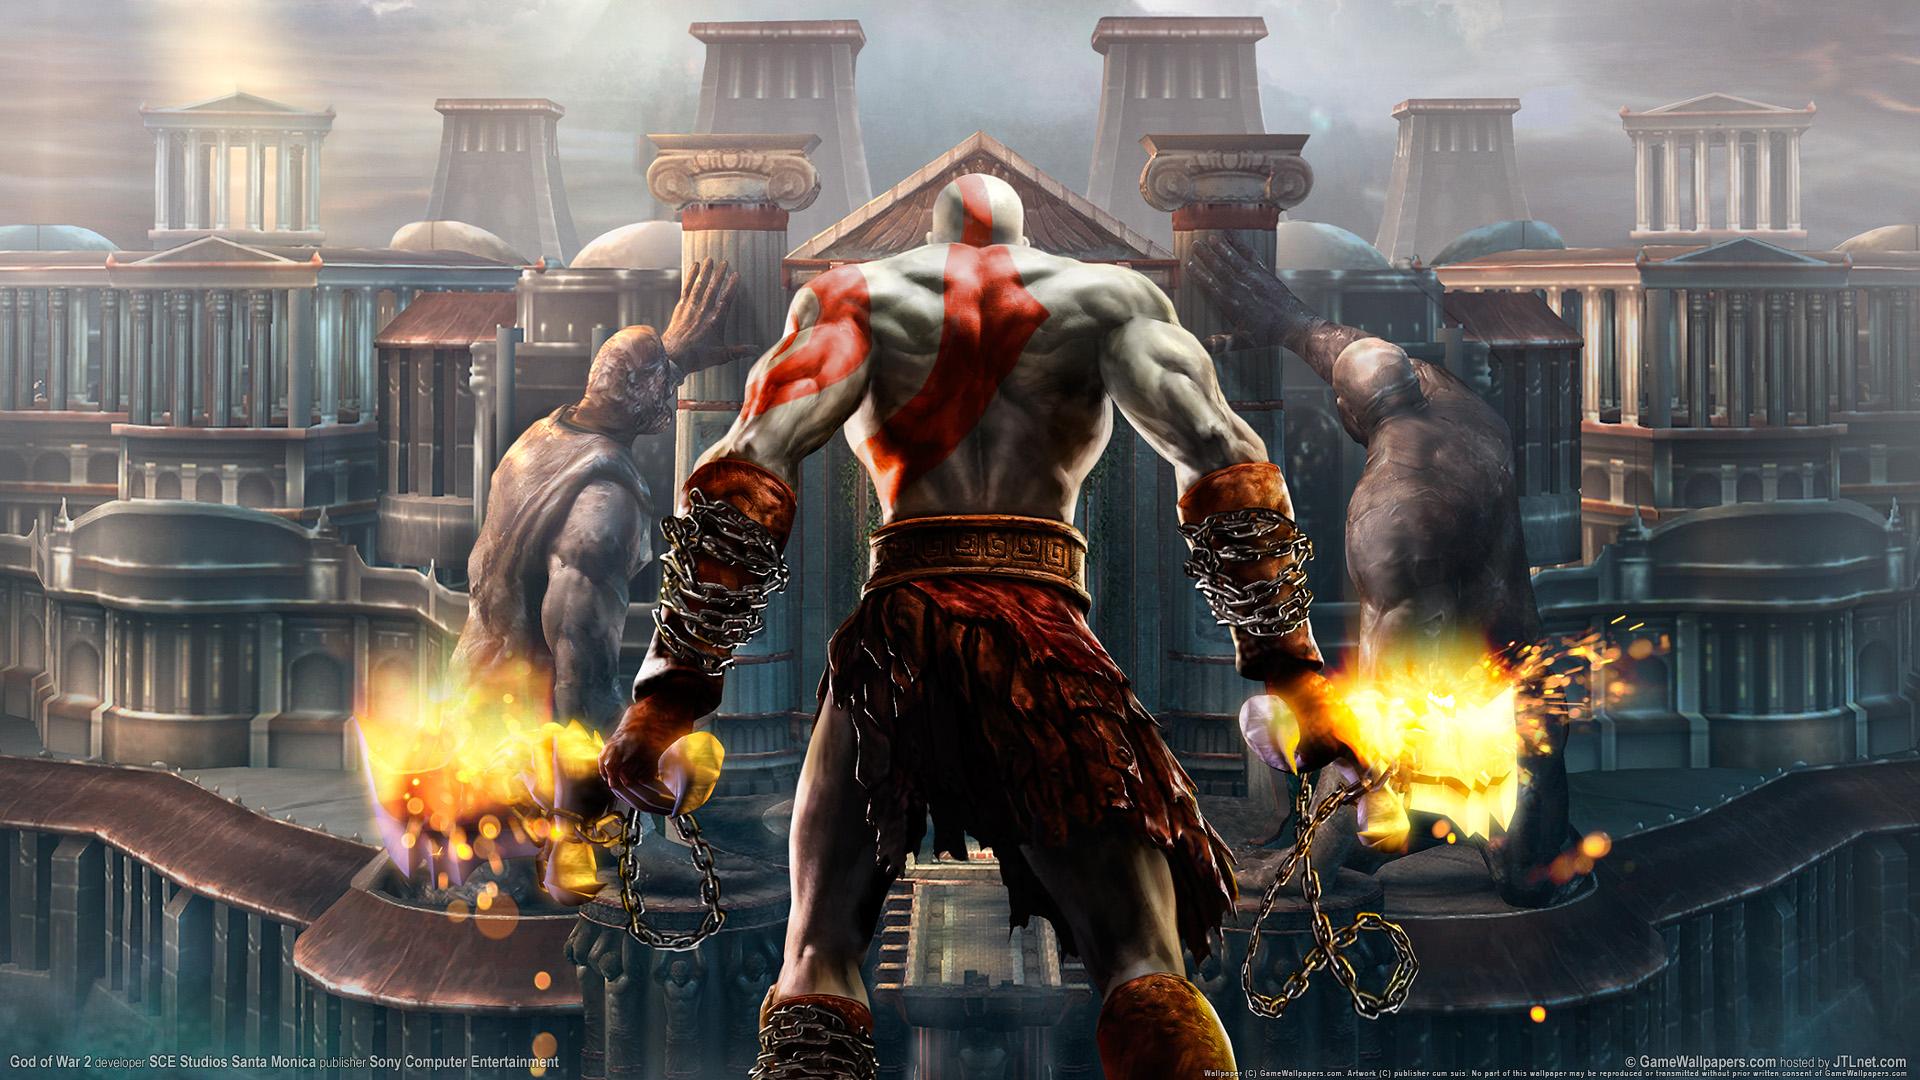 God Of War Wallpaper Hd 3d Download God Of War 2 Hd Wallpapers Hd Wallpapers Id 1648